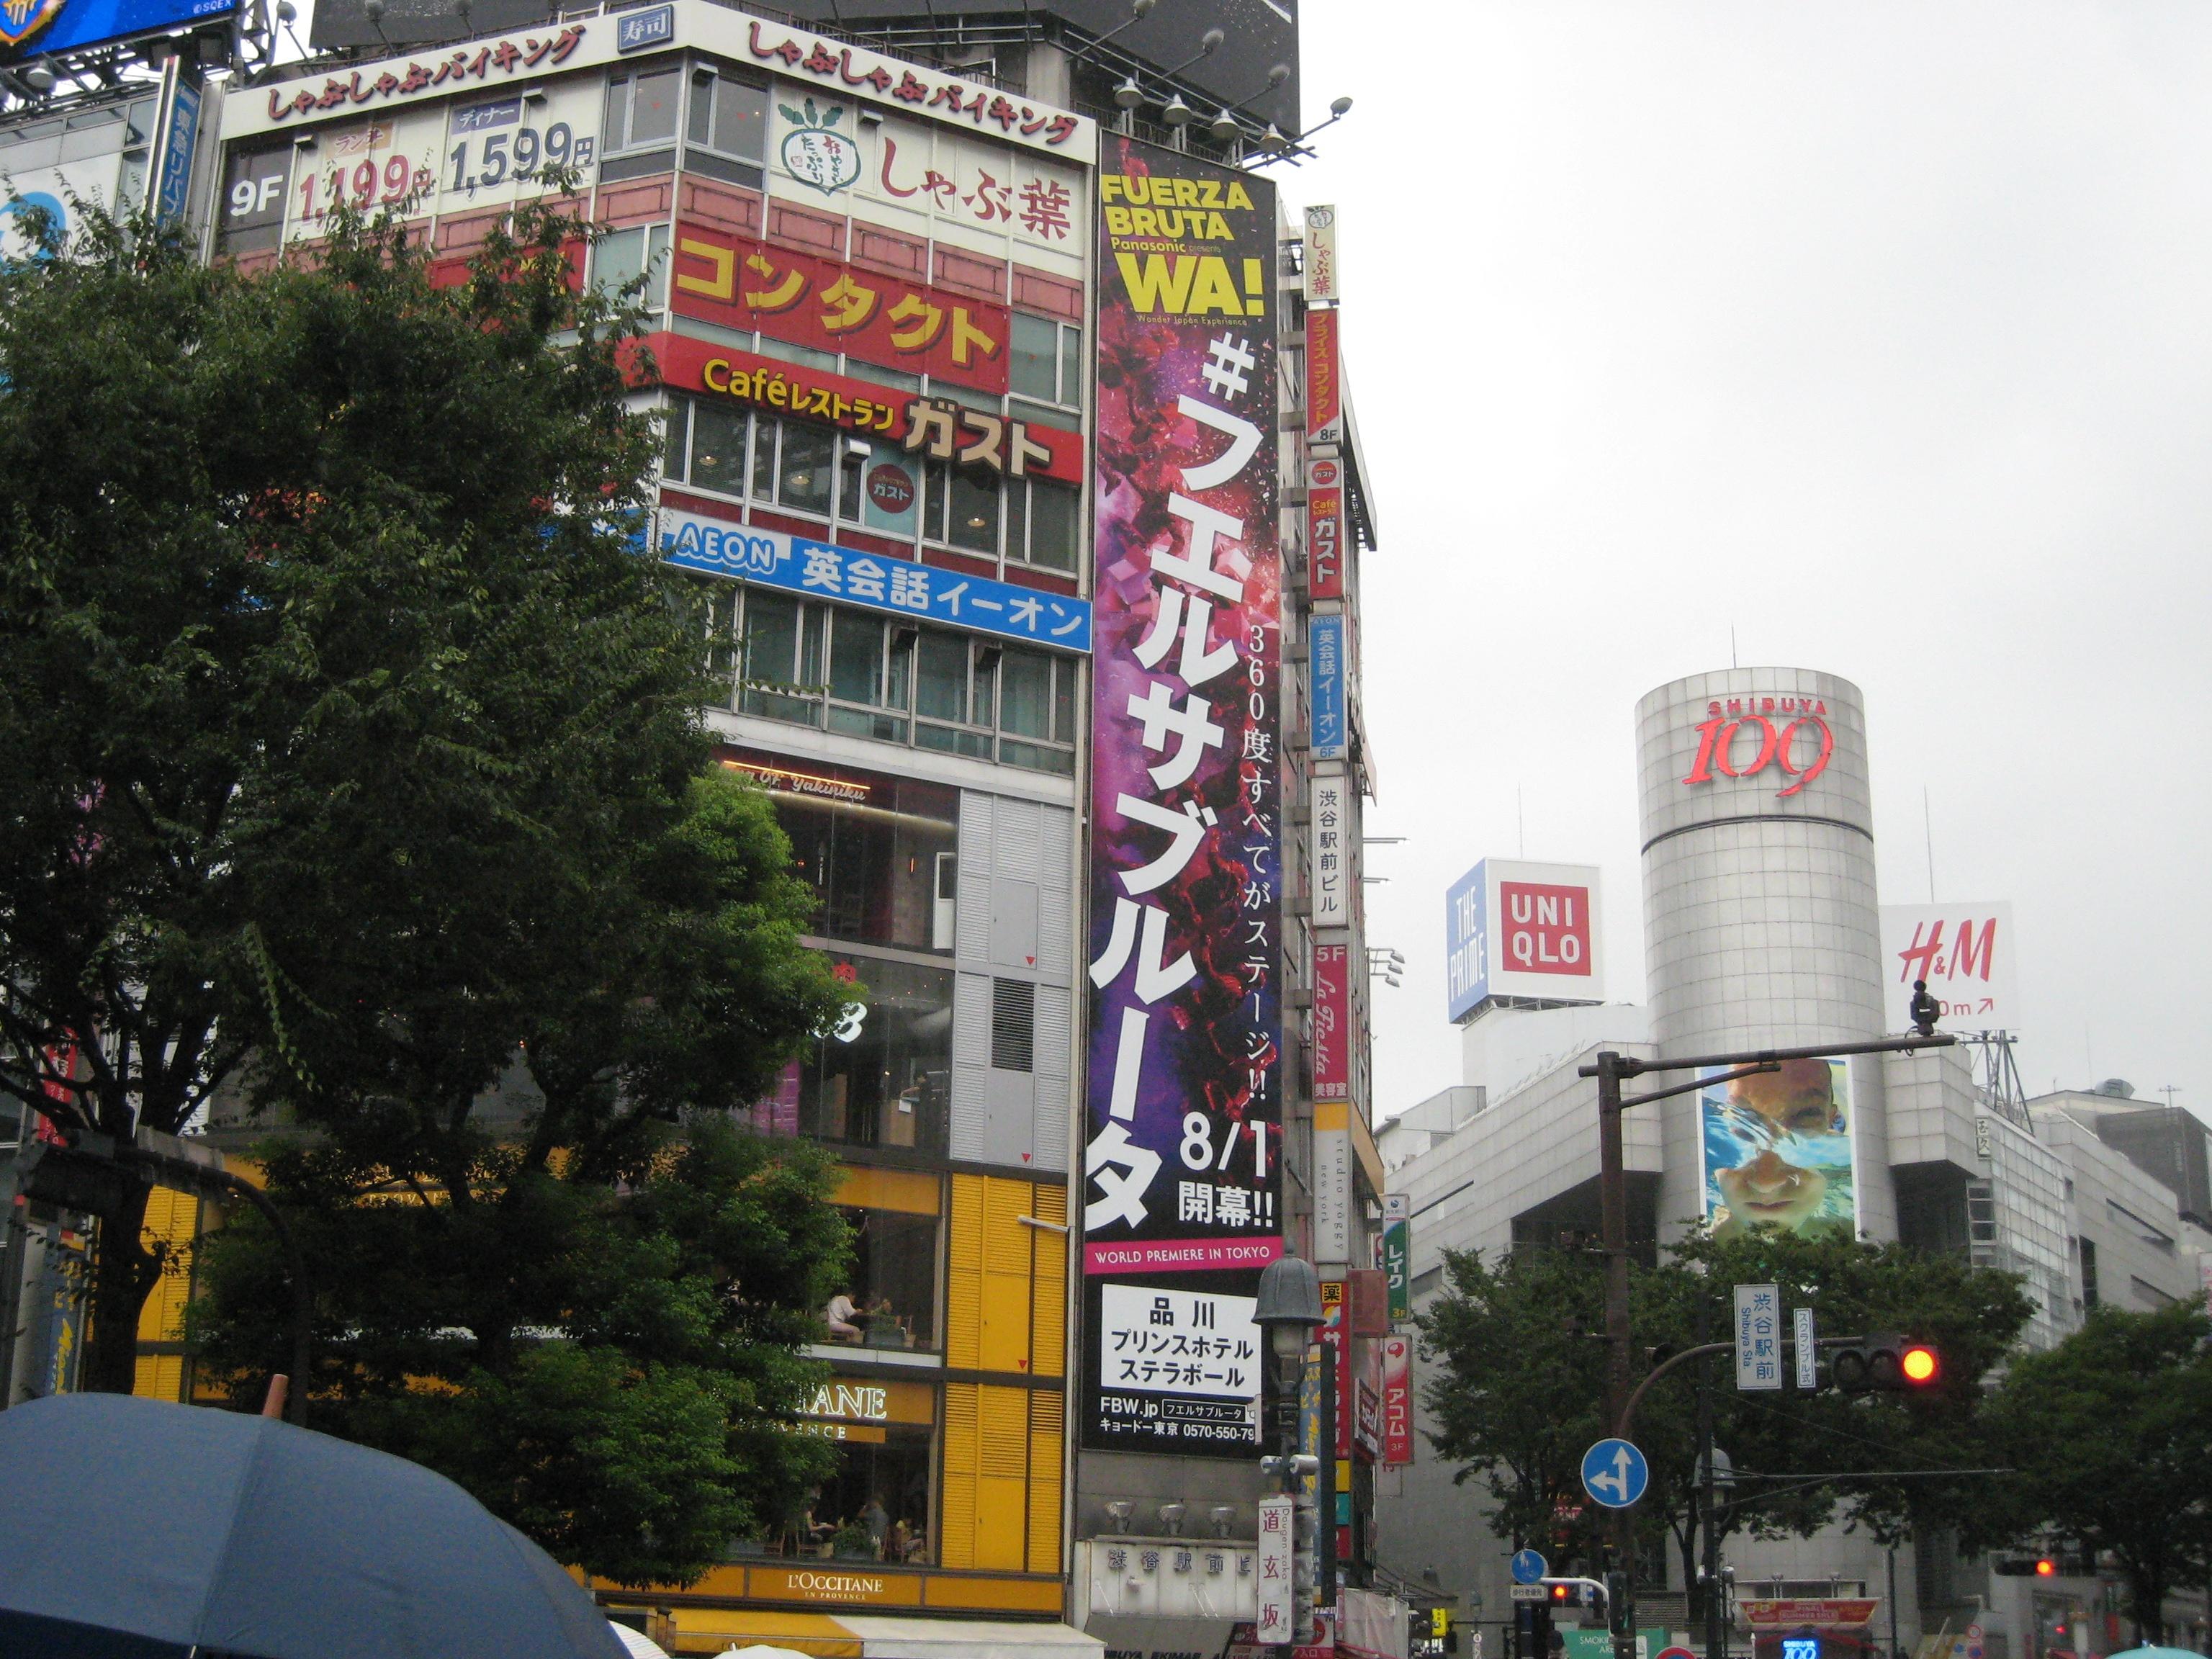 渋谷駅前ビルロングボード(WA!日本公演製作委員会 フエルサブルータ).jpg